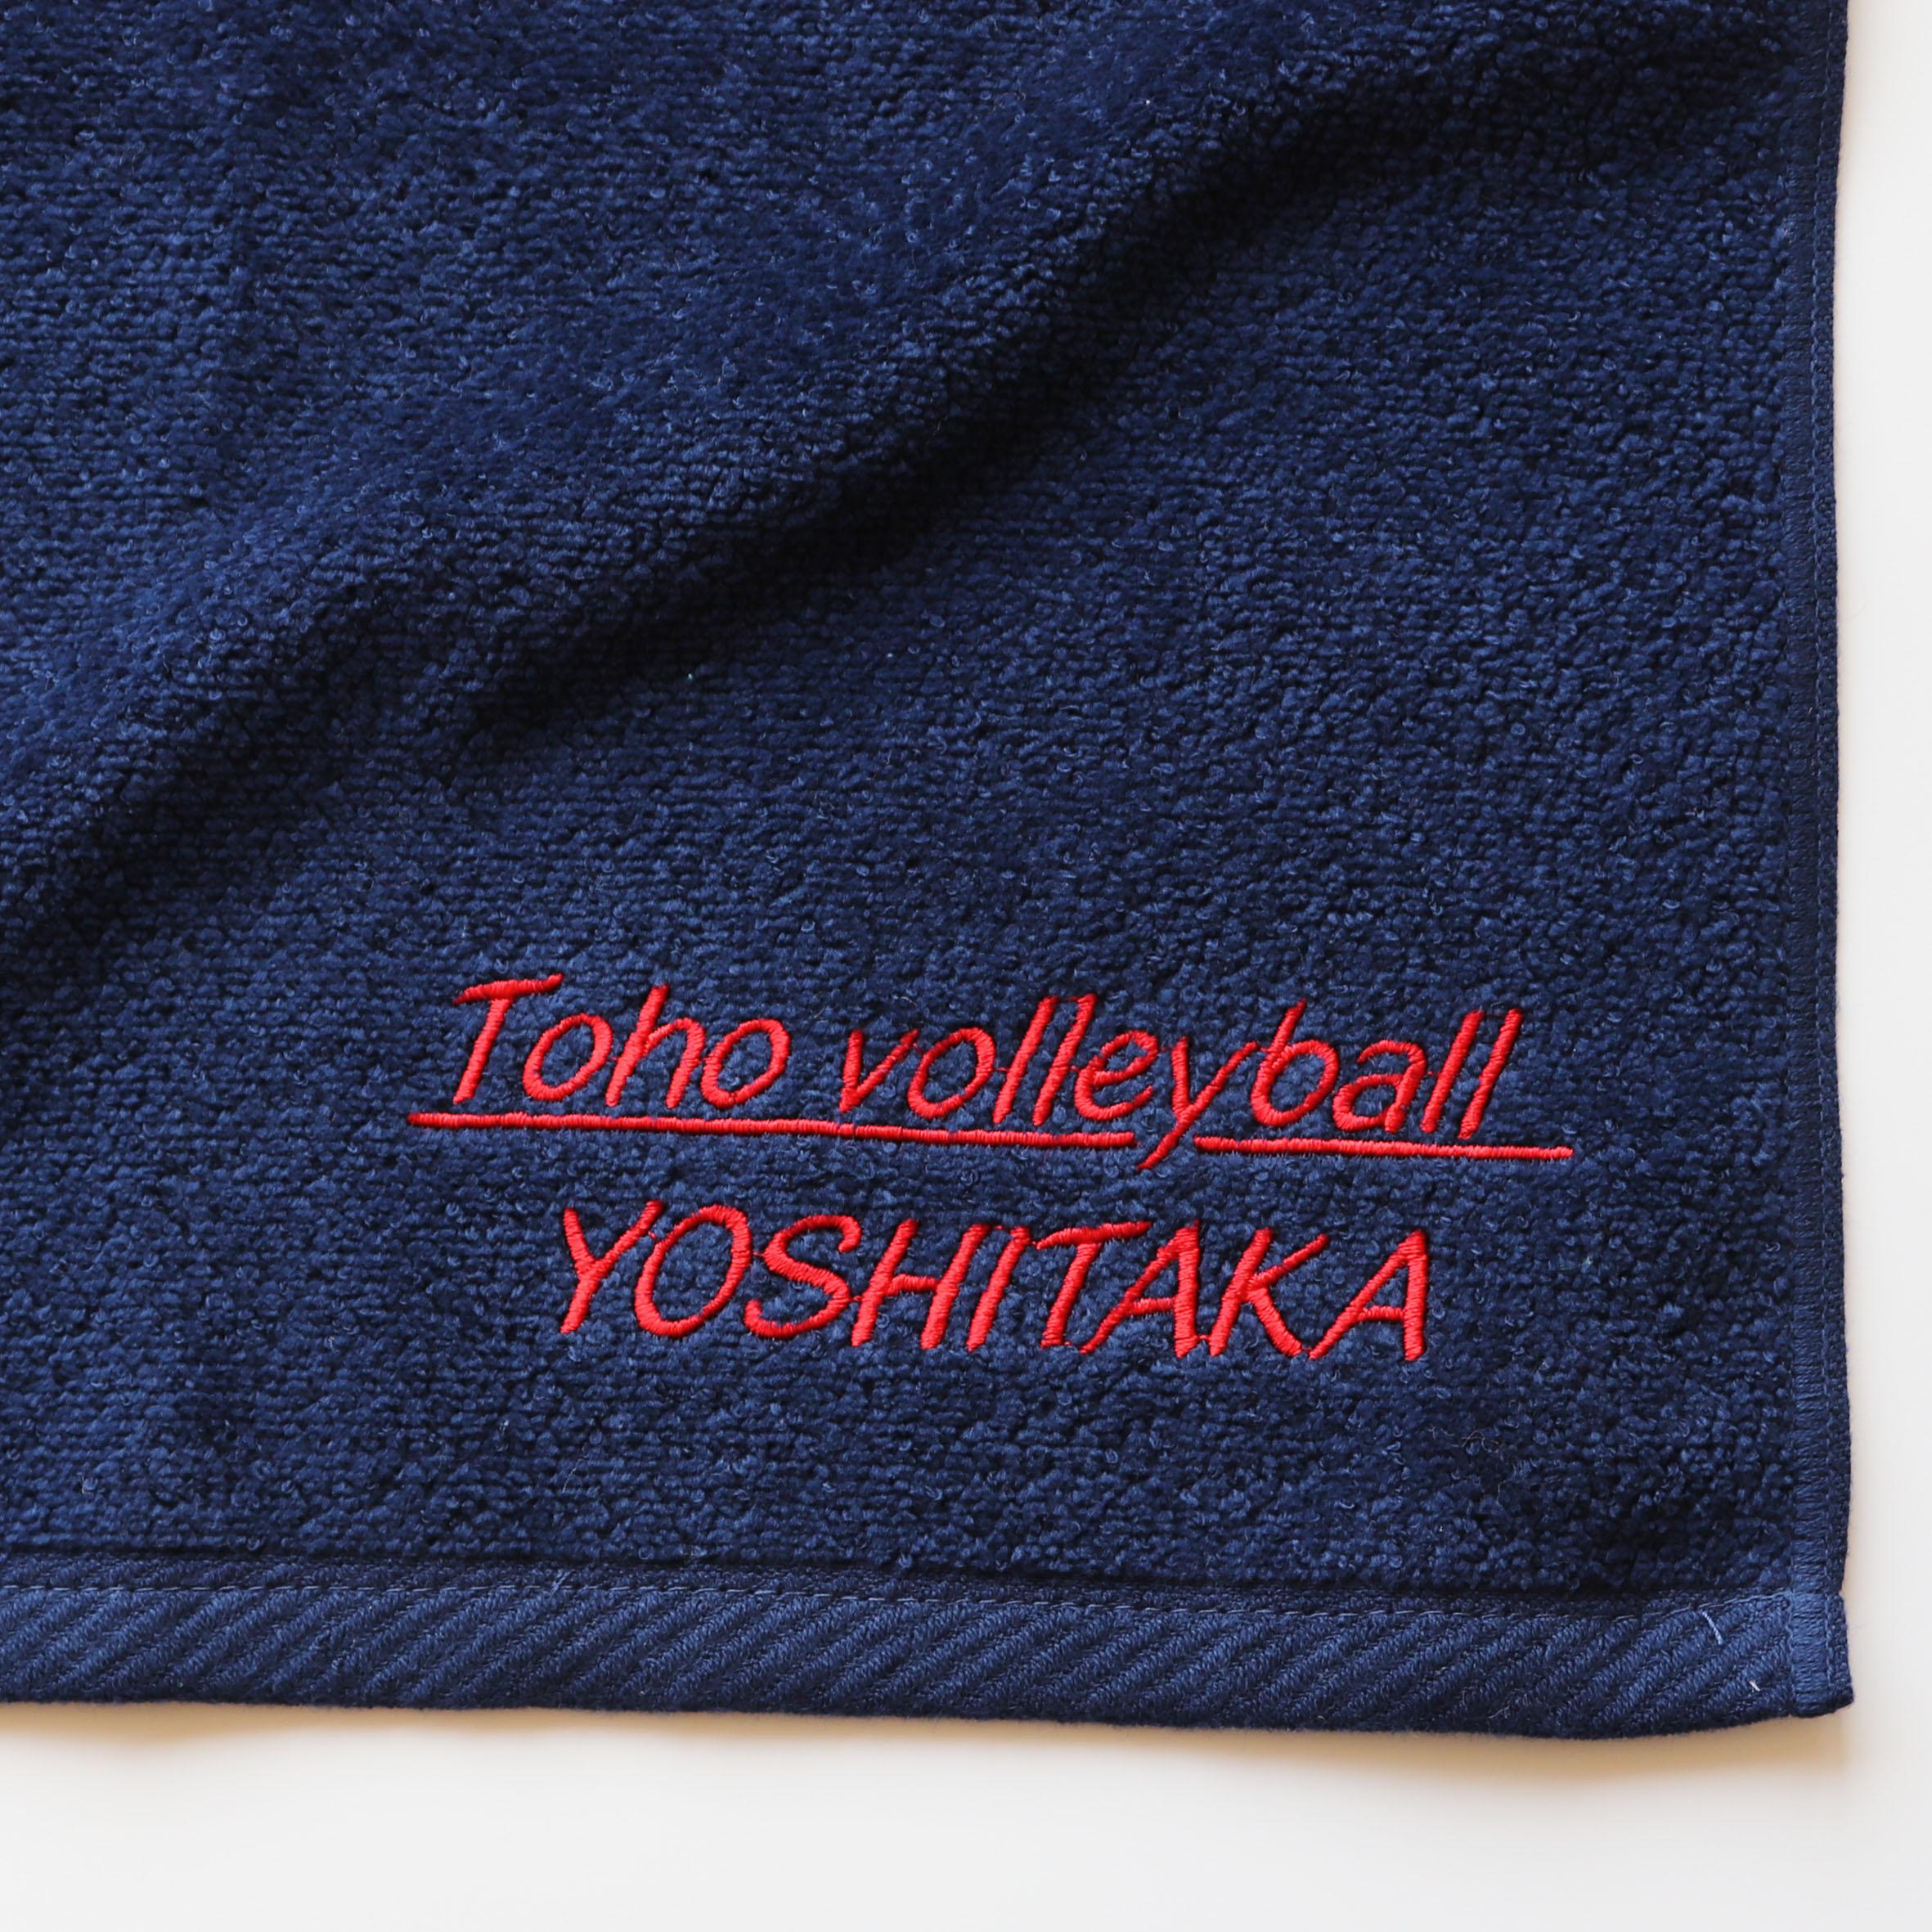 【16732】<br>フォント刺繍/B位置<br>アメリカンシャーリング<br>ハンドタオル<br>ワインレッド